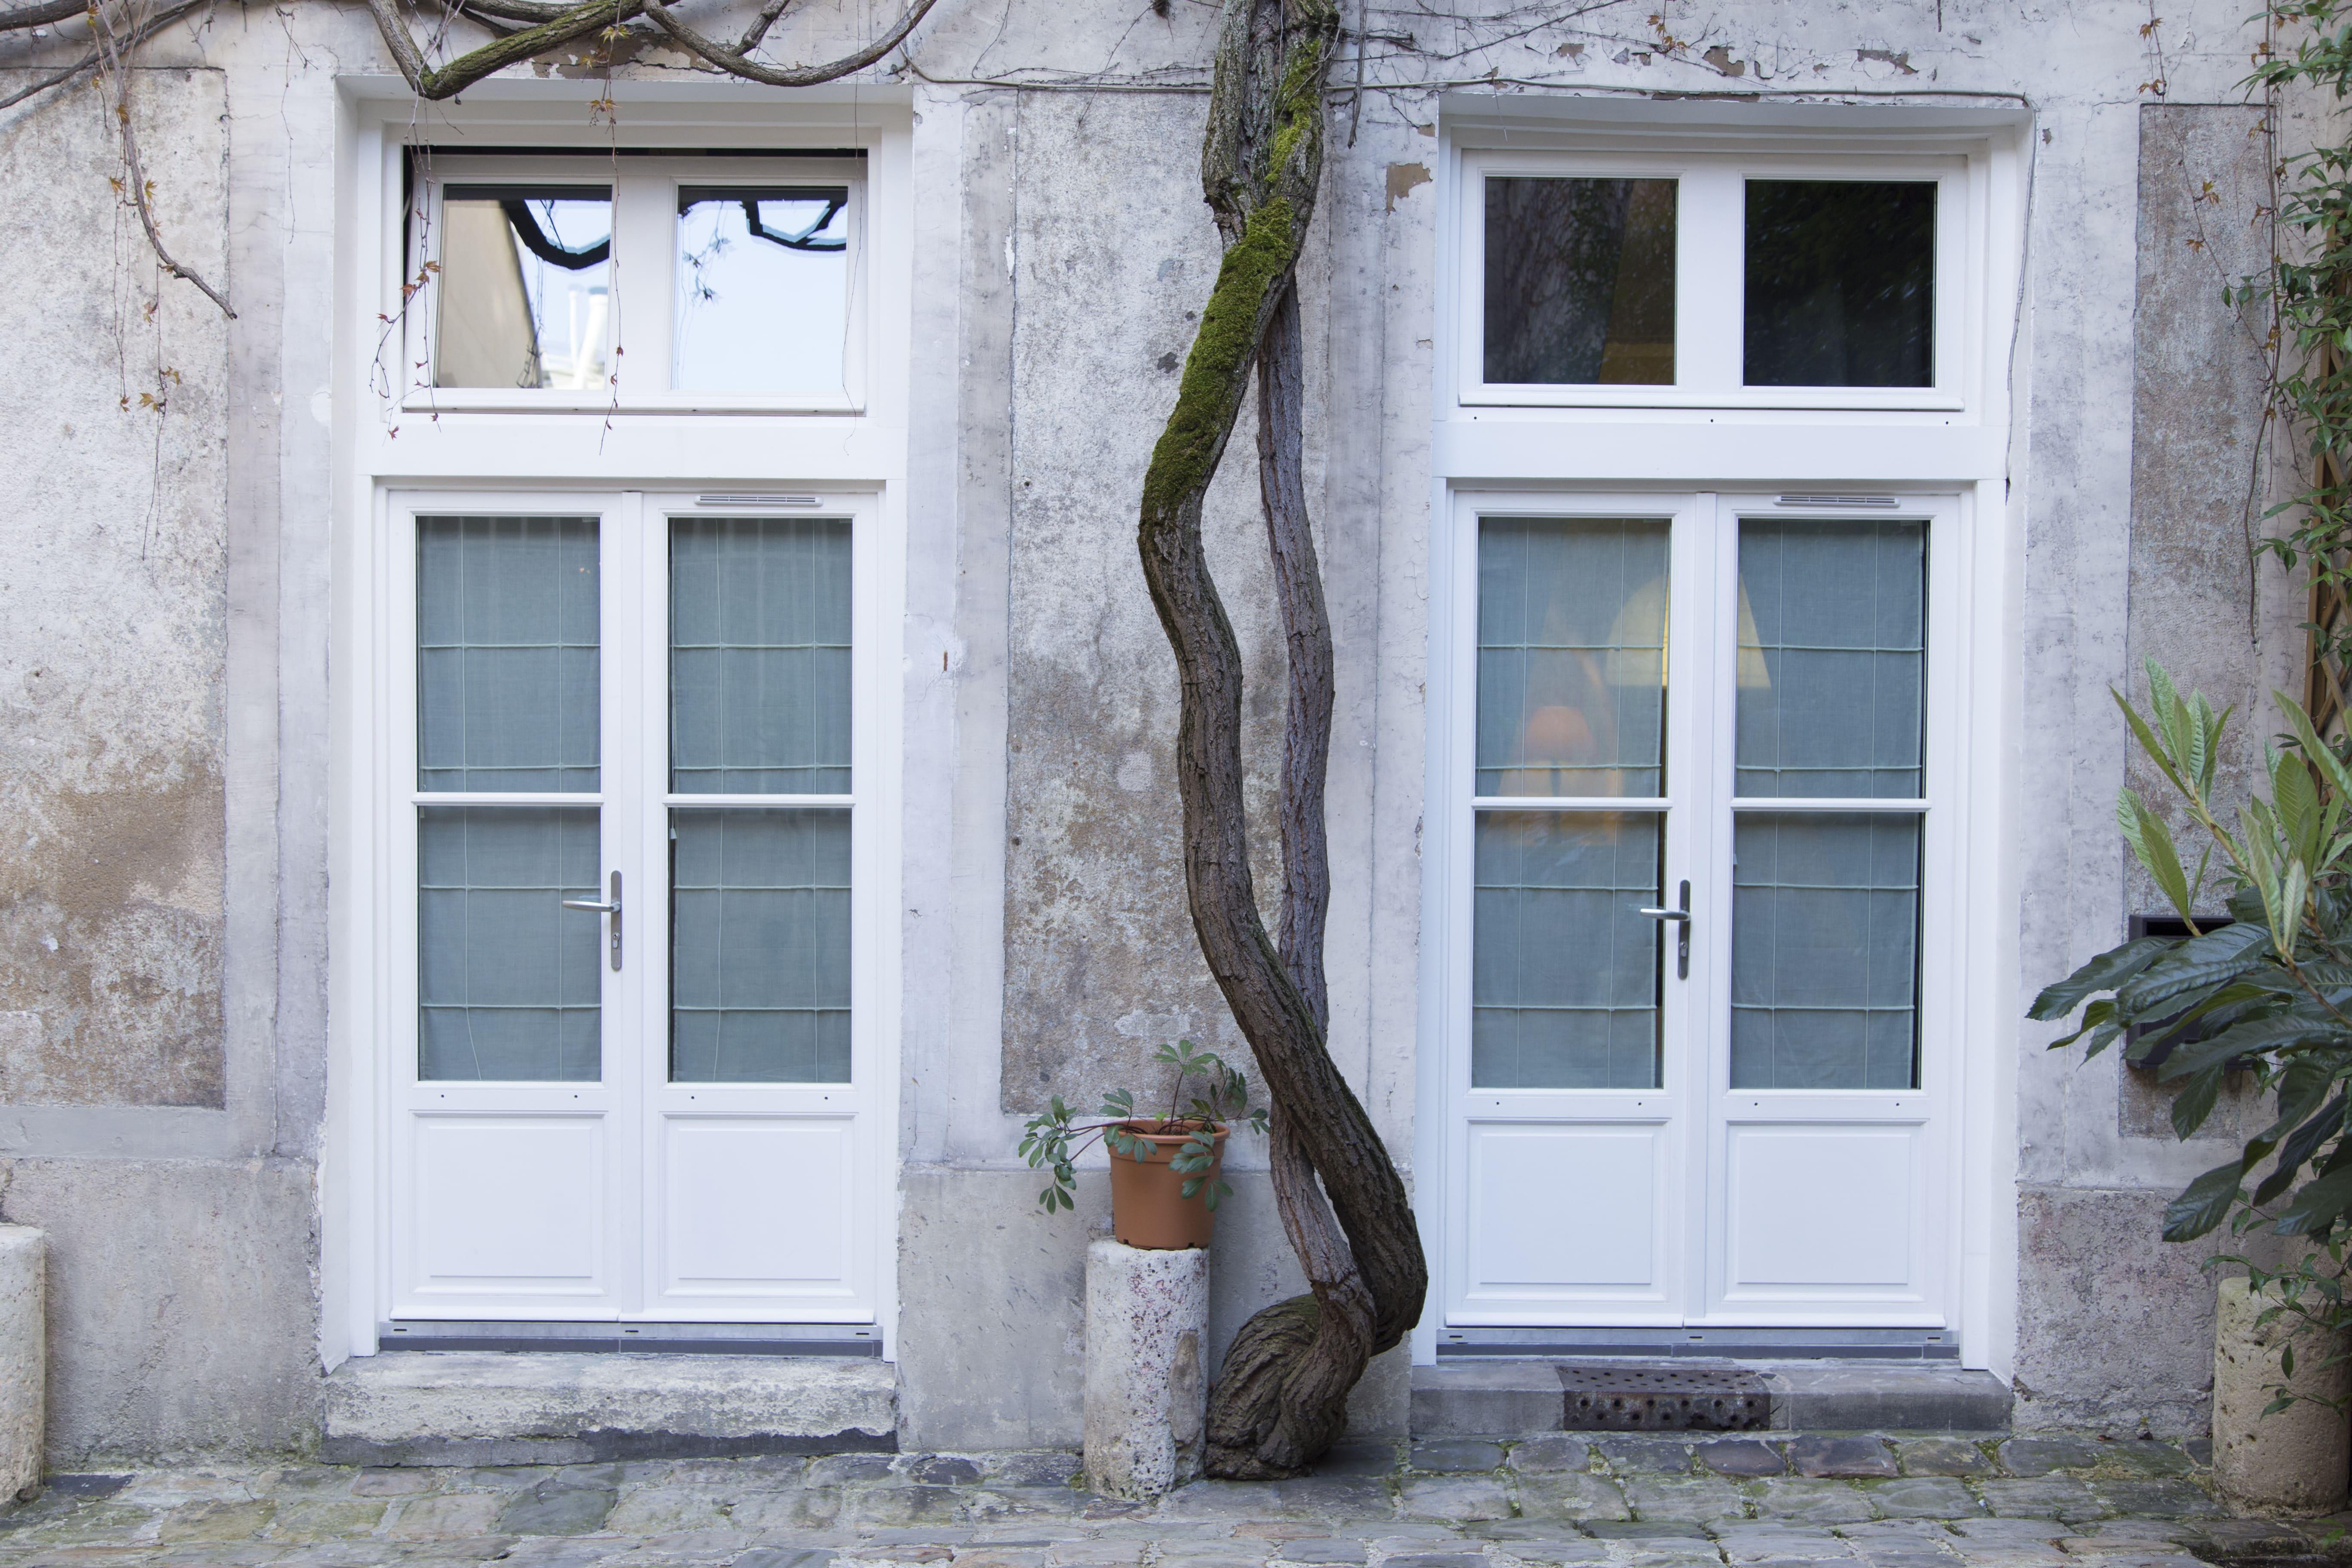 Appartement 4 pers 6 rue bonaparte paris 7 appartauteuil - Rue bonaparte paris 6 ...